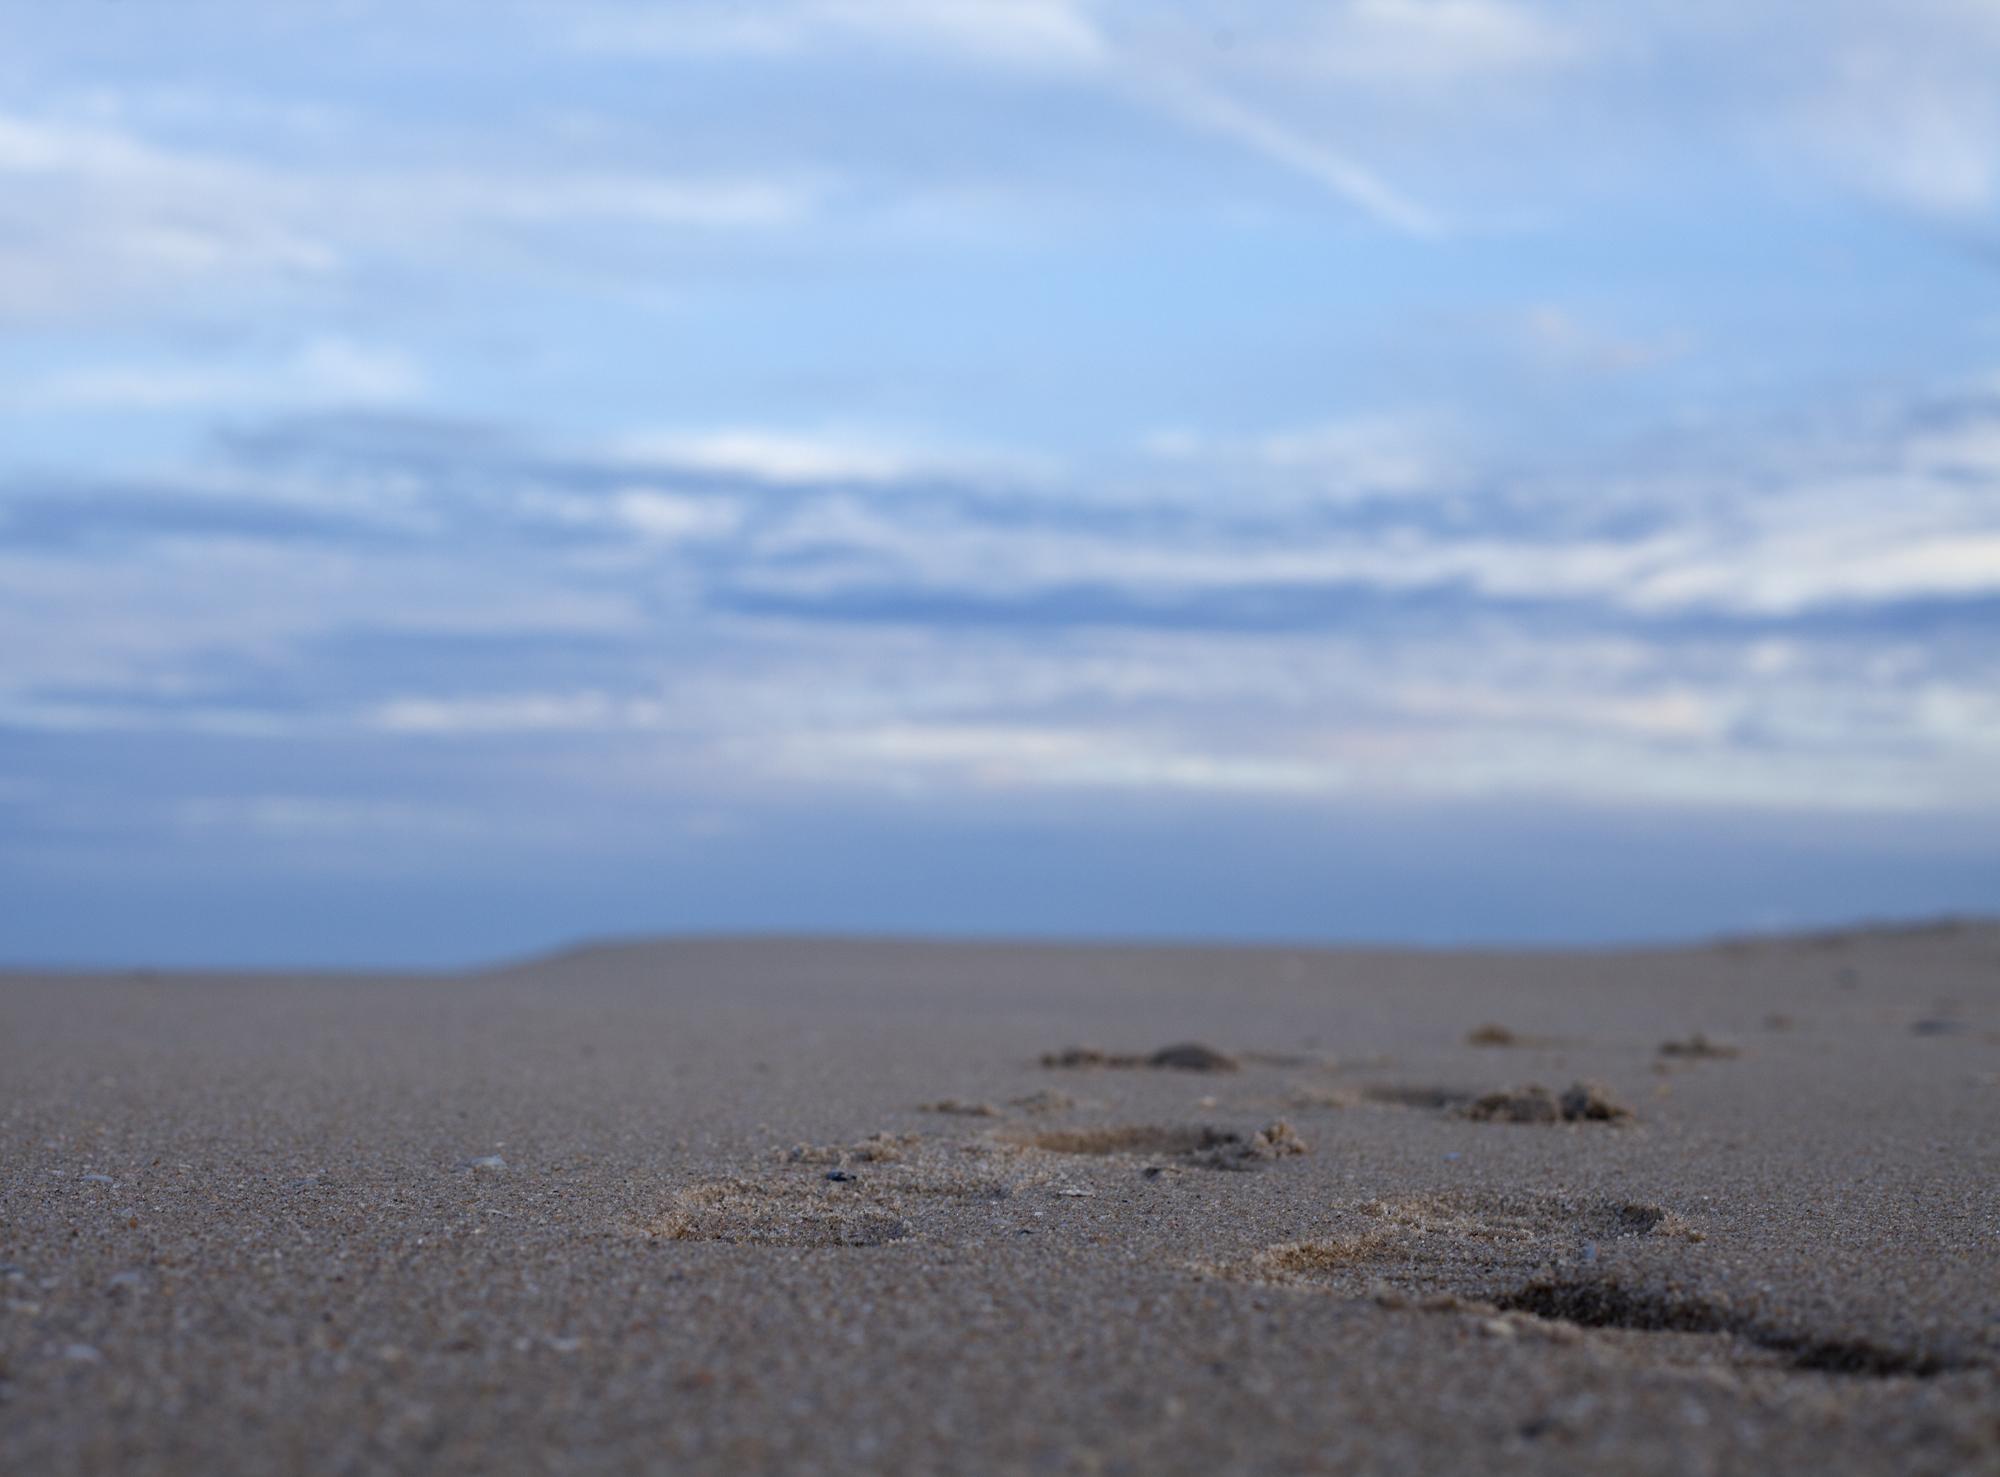 beach_03_web.jpg